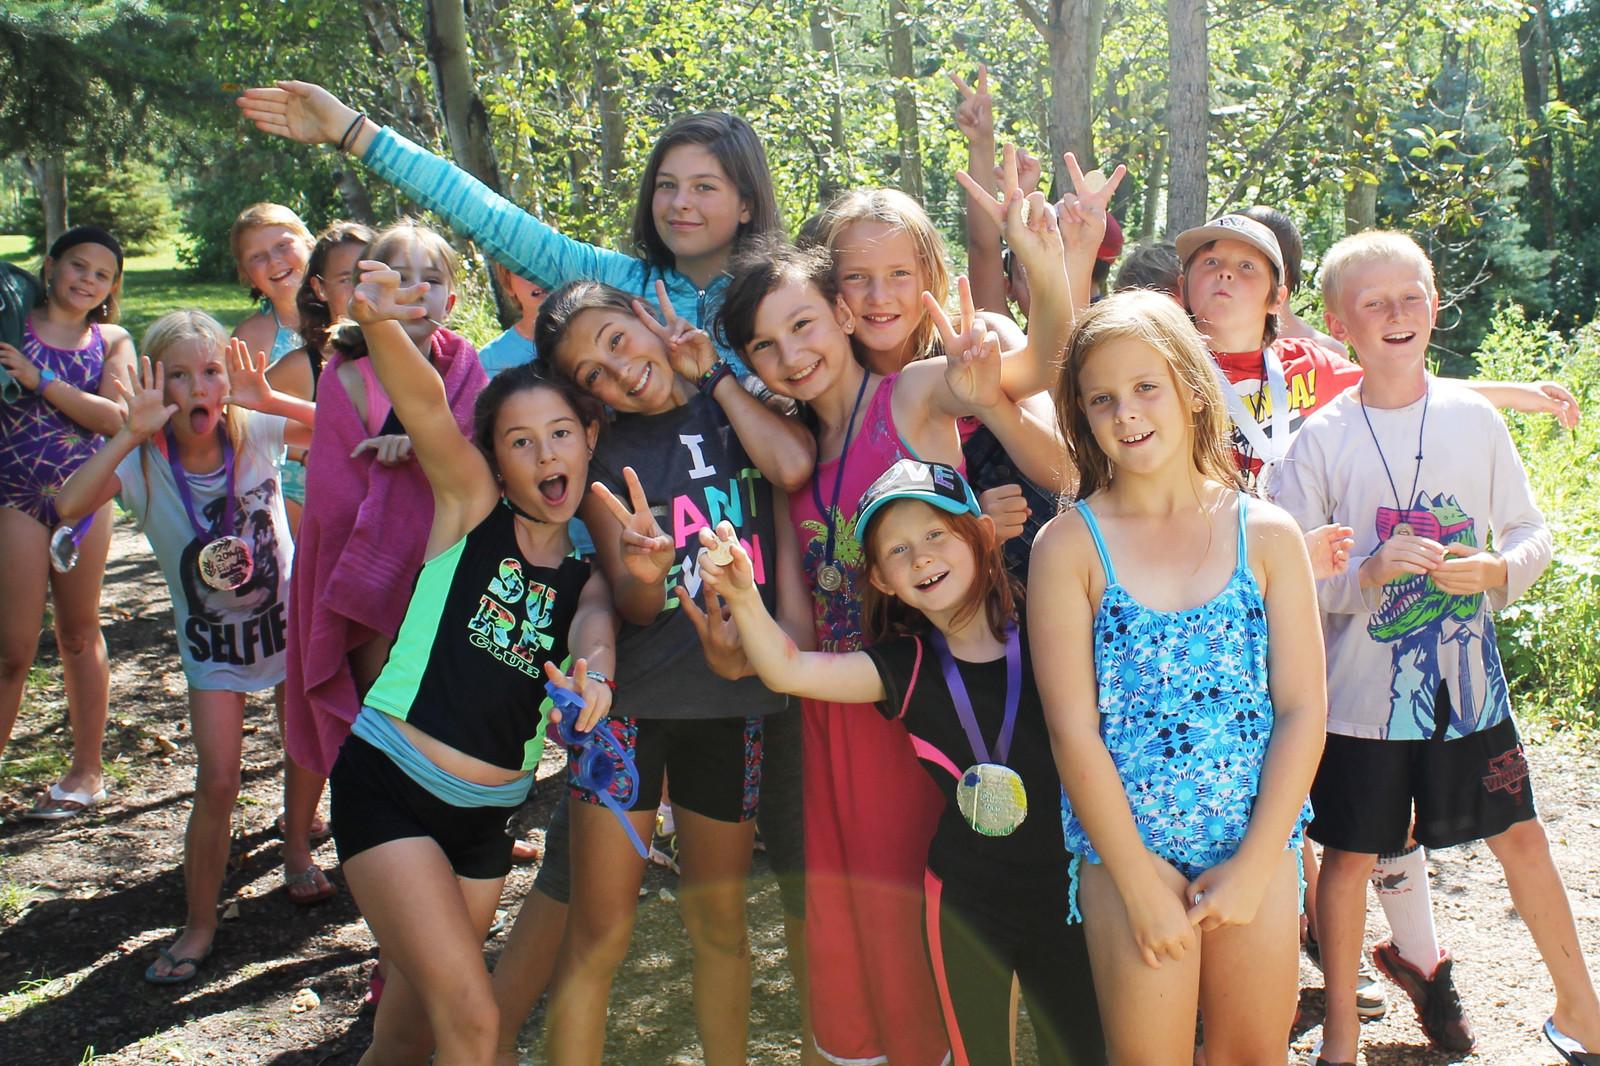 youth tiger camp kicks - HD1600×1066